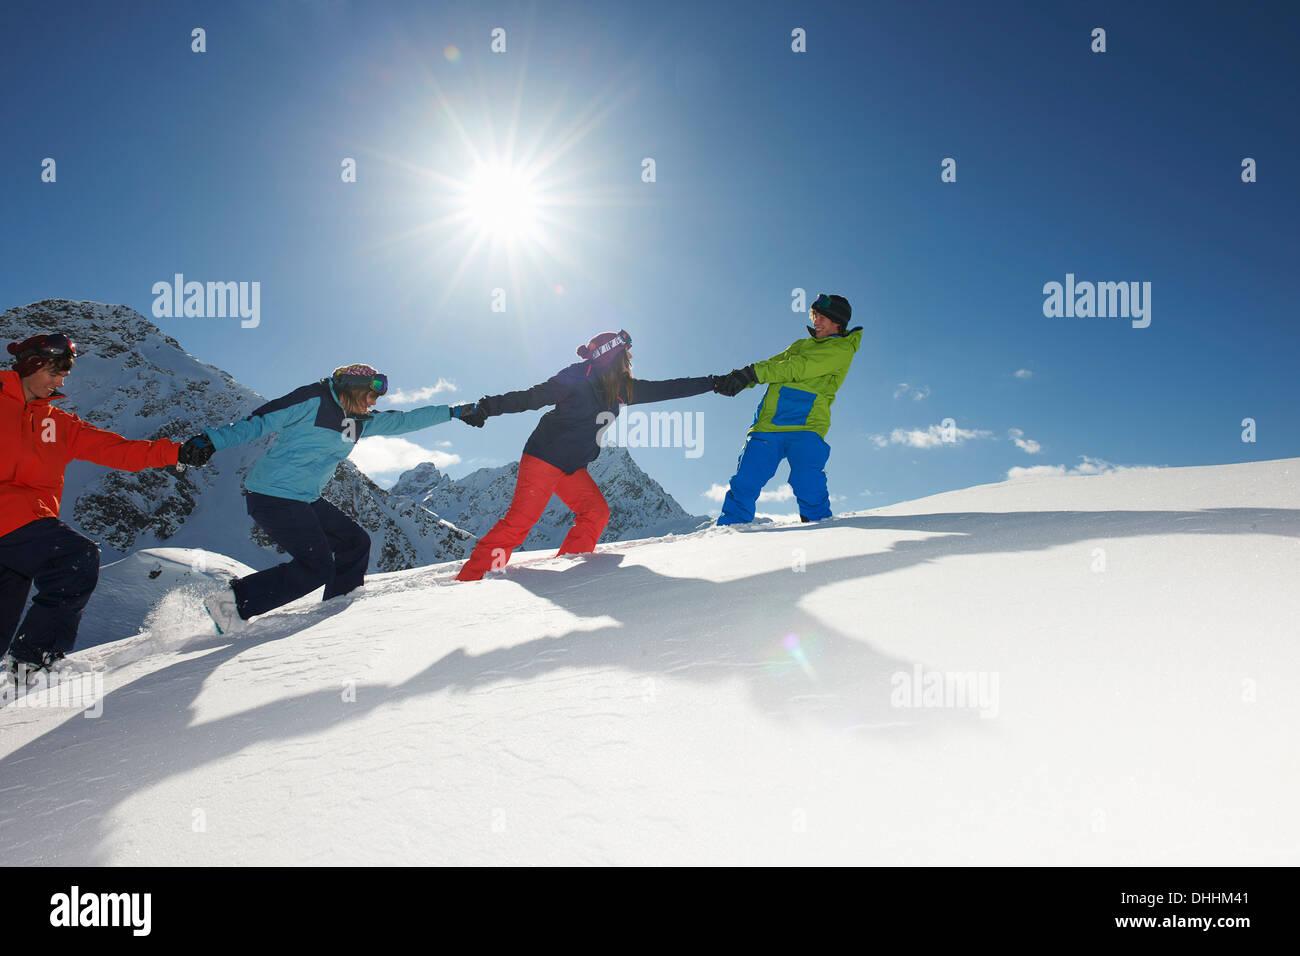 Amigos tirando cada otros cuesta arriba en la nieve, Kuhtai, Austria Imagen De Stock